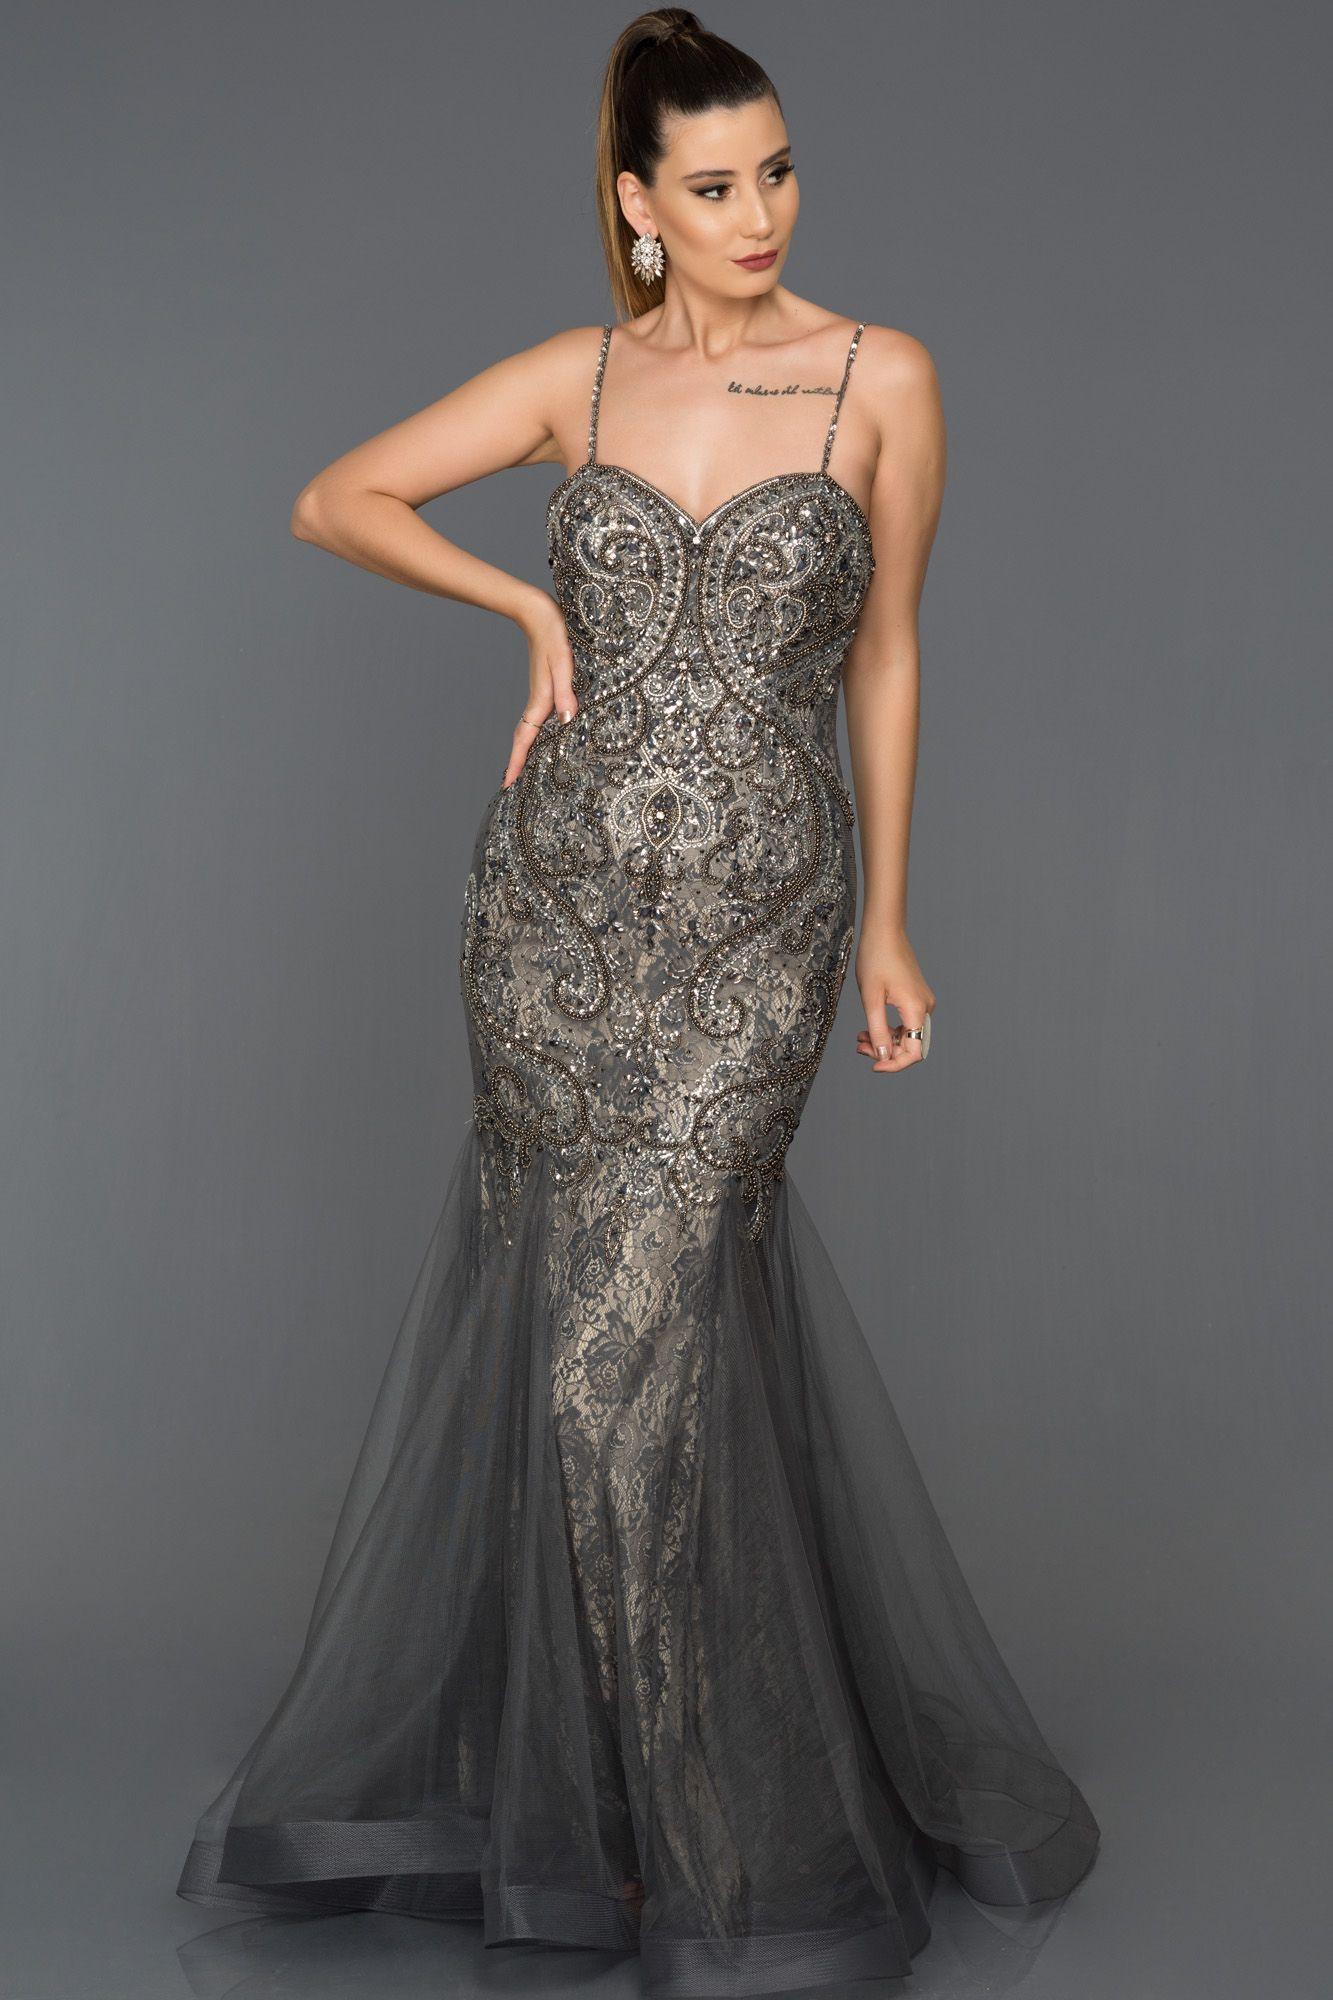 fb6a6c4d000f7 Taşlı Özel Tasarım Abiye AB977 | Abiye | Elbise modelleri, Tasarım, Gri